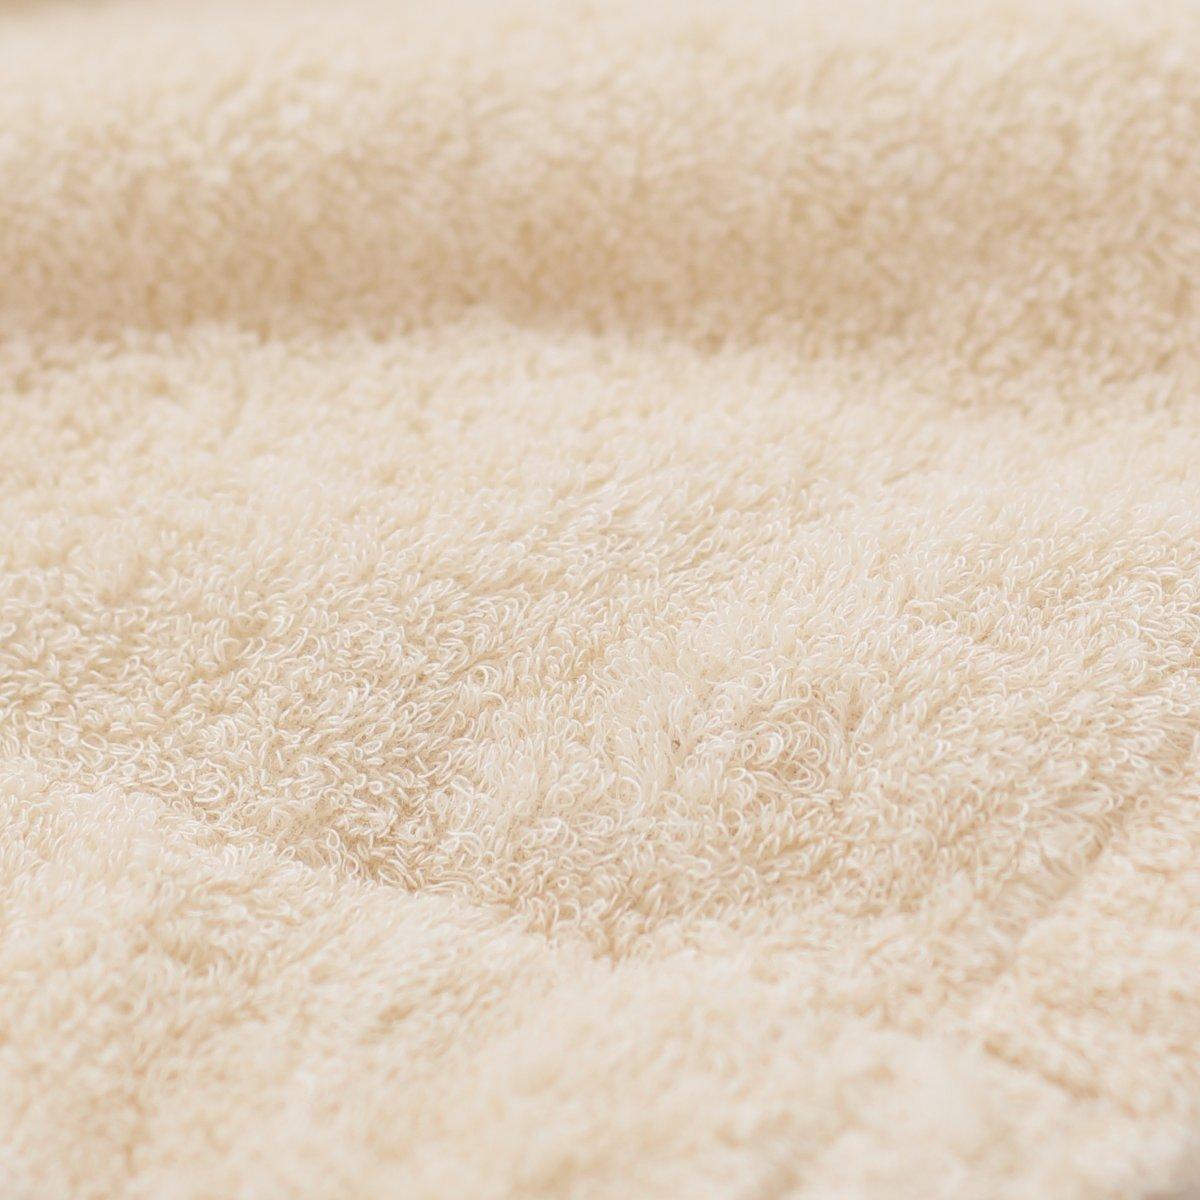 【STORY】希少なアルティメイトピマオーガニックコットンを使った極上タオルの魅力